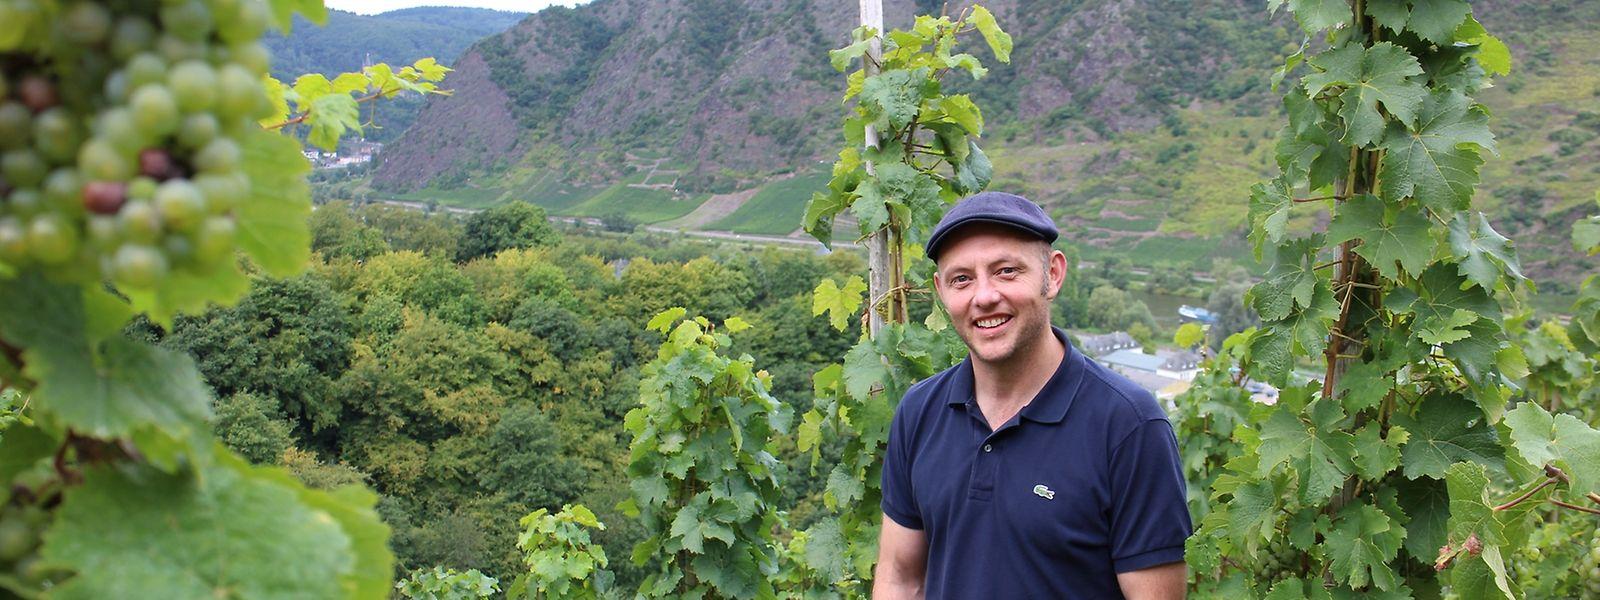 Stolzer Moselwinzer: Martin Cooper in seinem Weinberg.